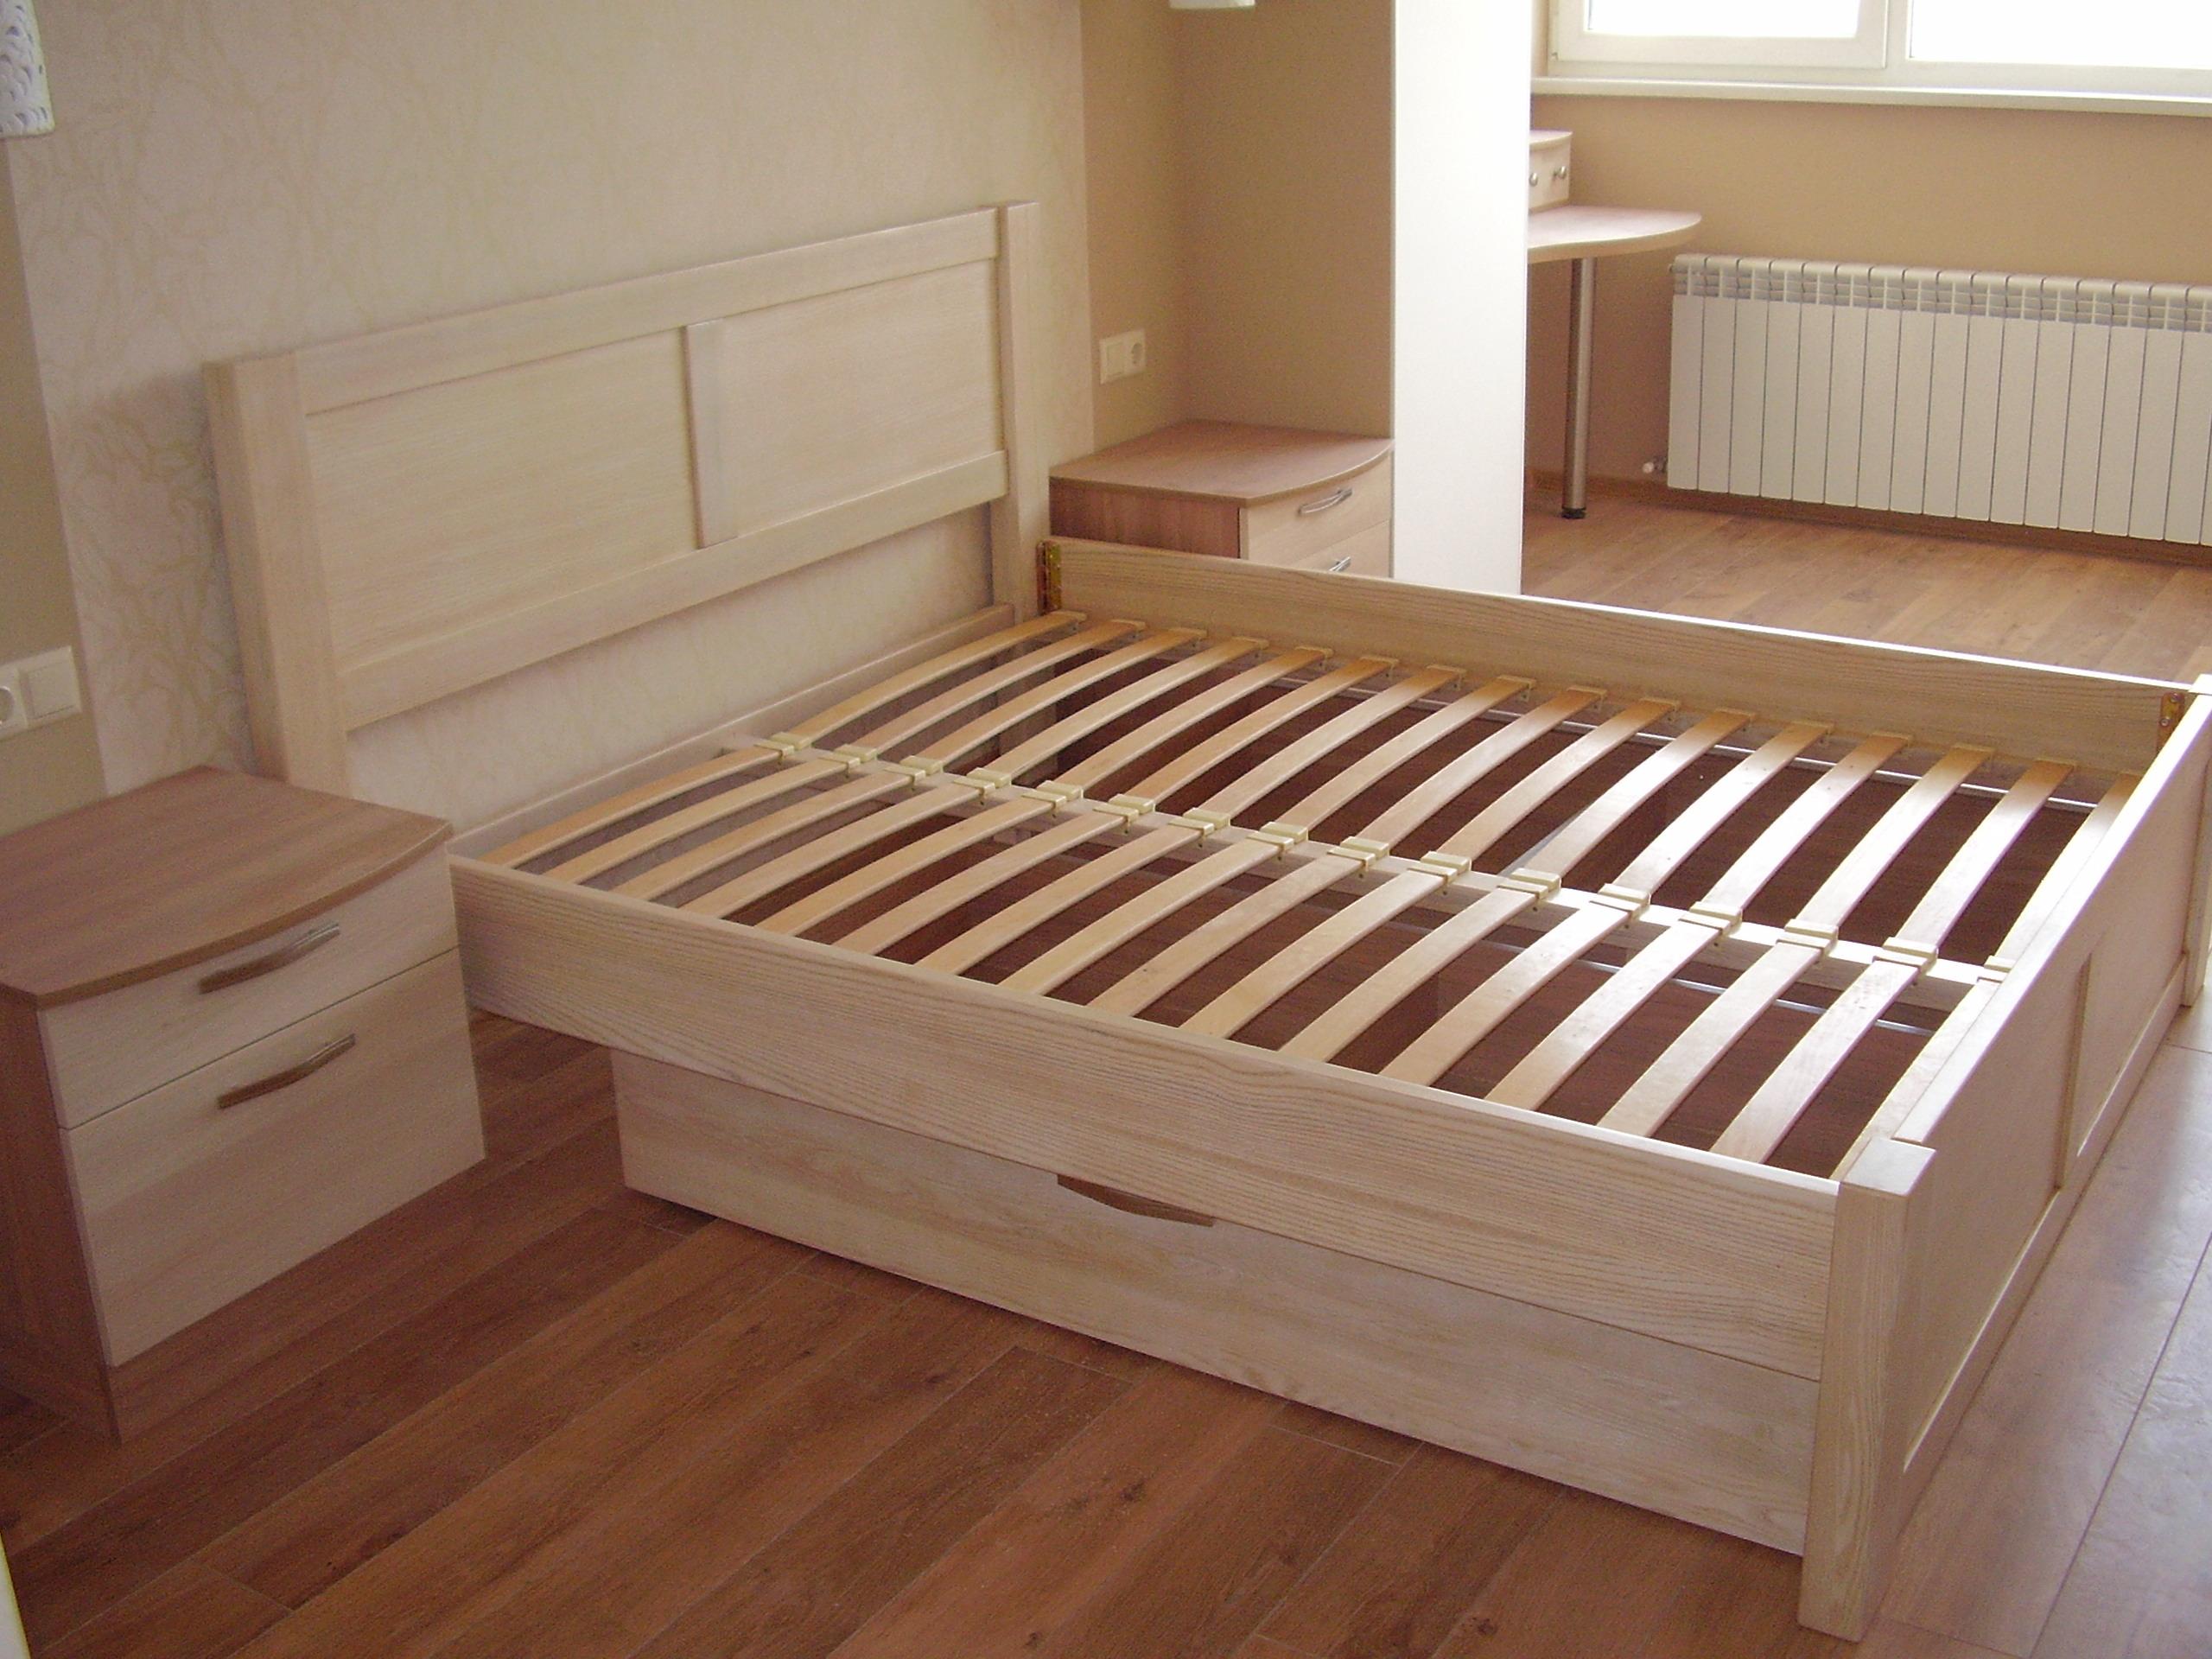 Ламели для кровати, что собой представляют, критерии выбора